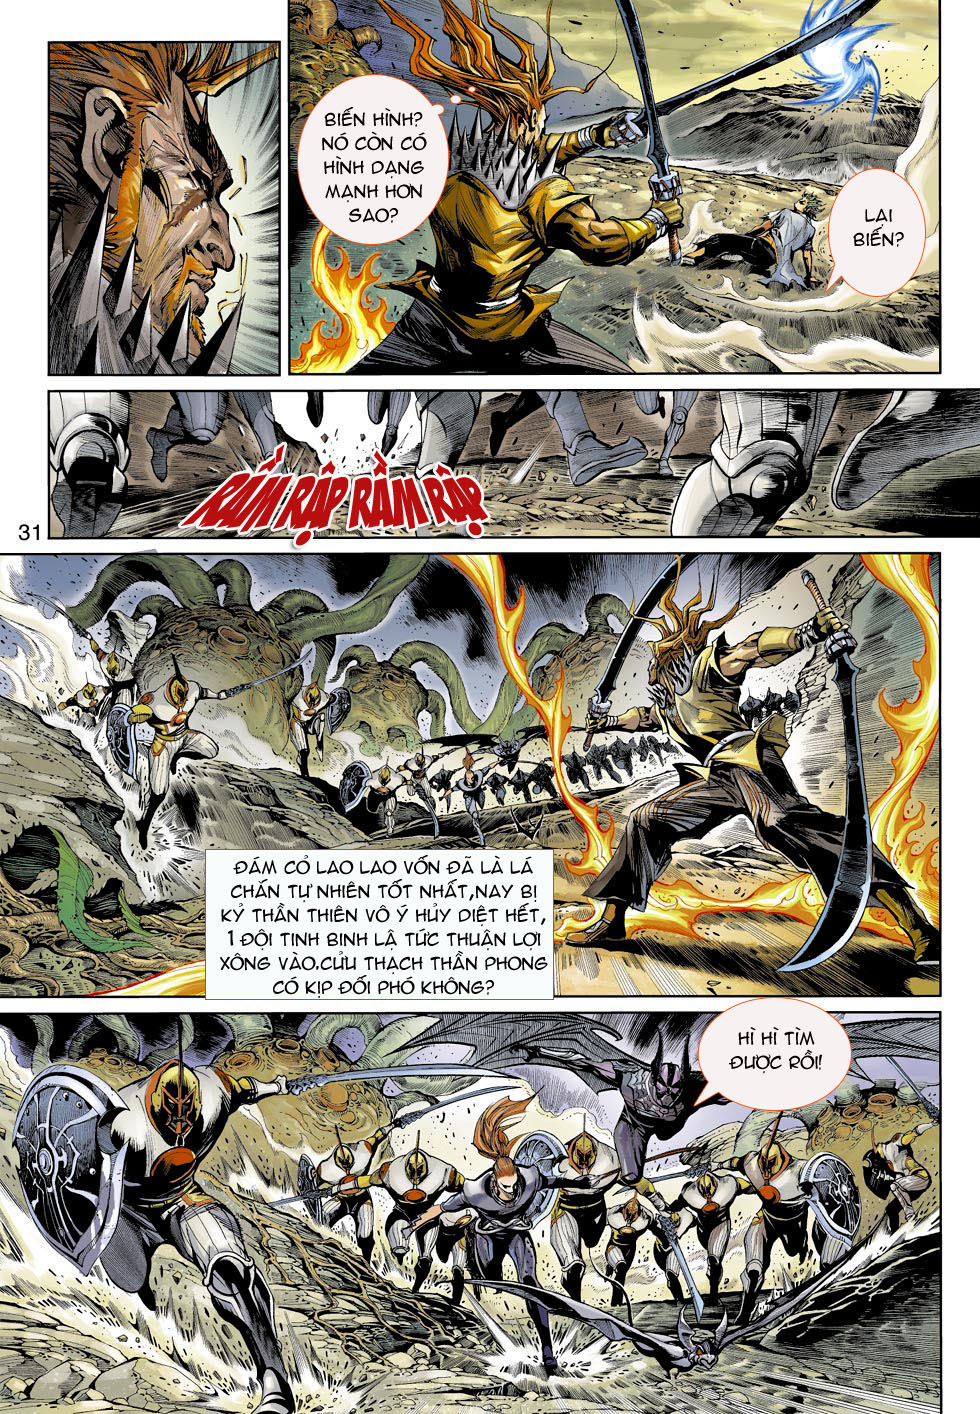 Thần Binh 4 chap 4 - Trang 31